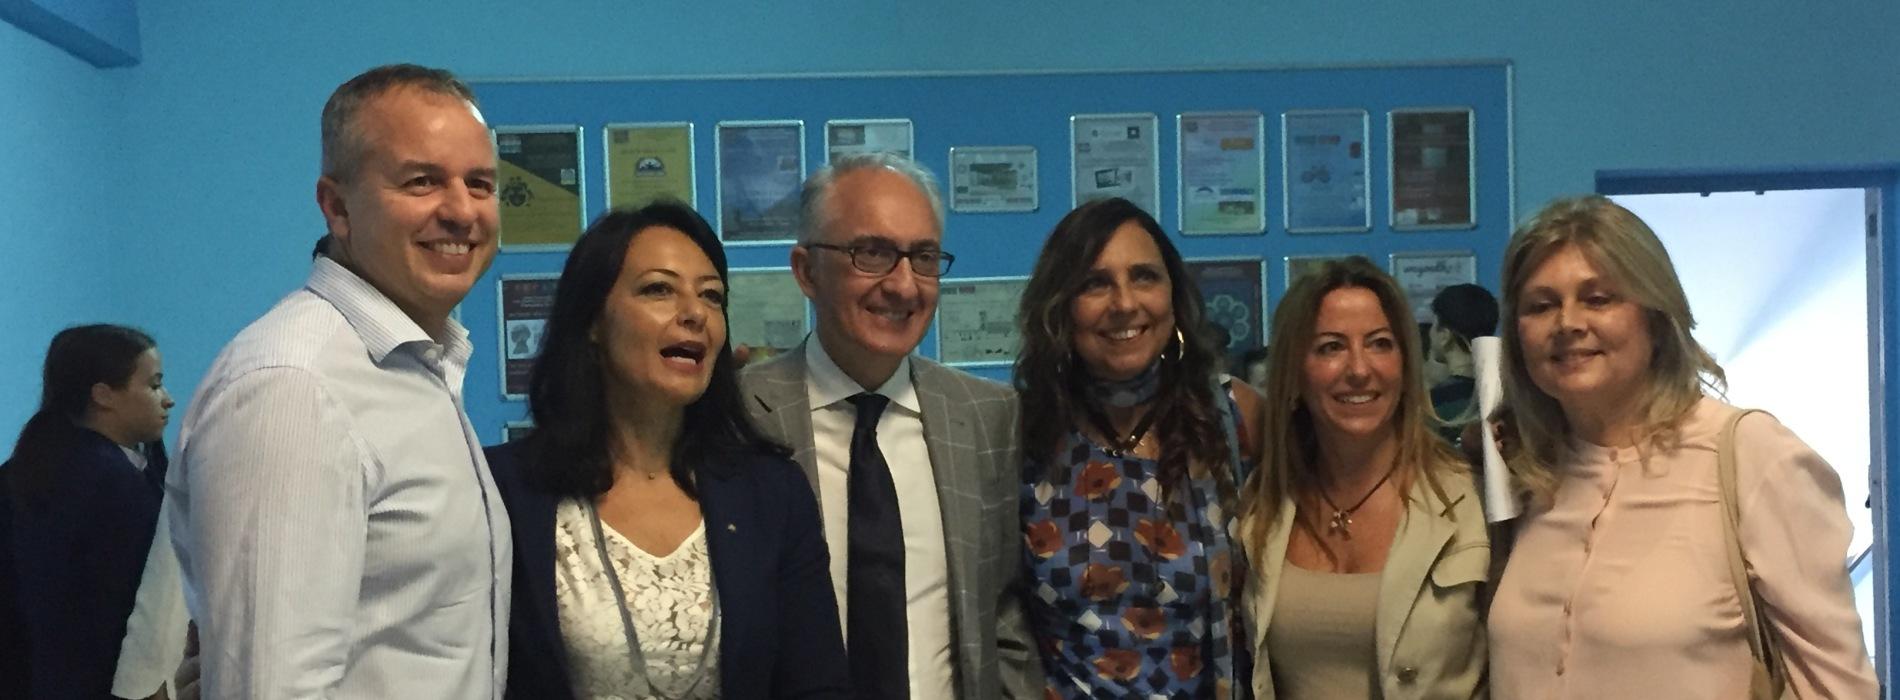 Caserta, Fortini e Palmeri inaugurano il nuovo anno scolastico